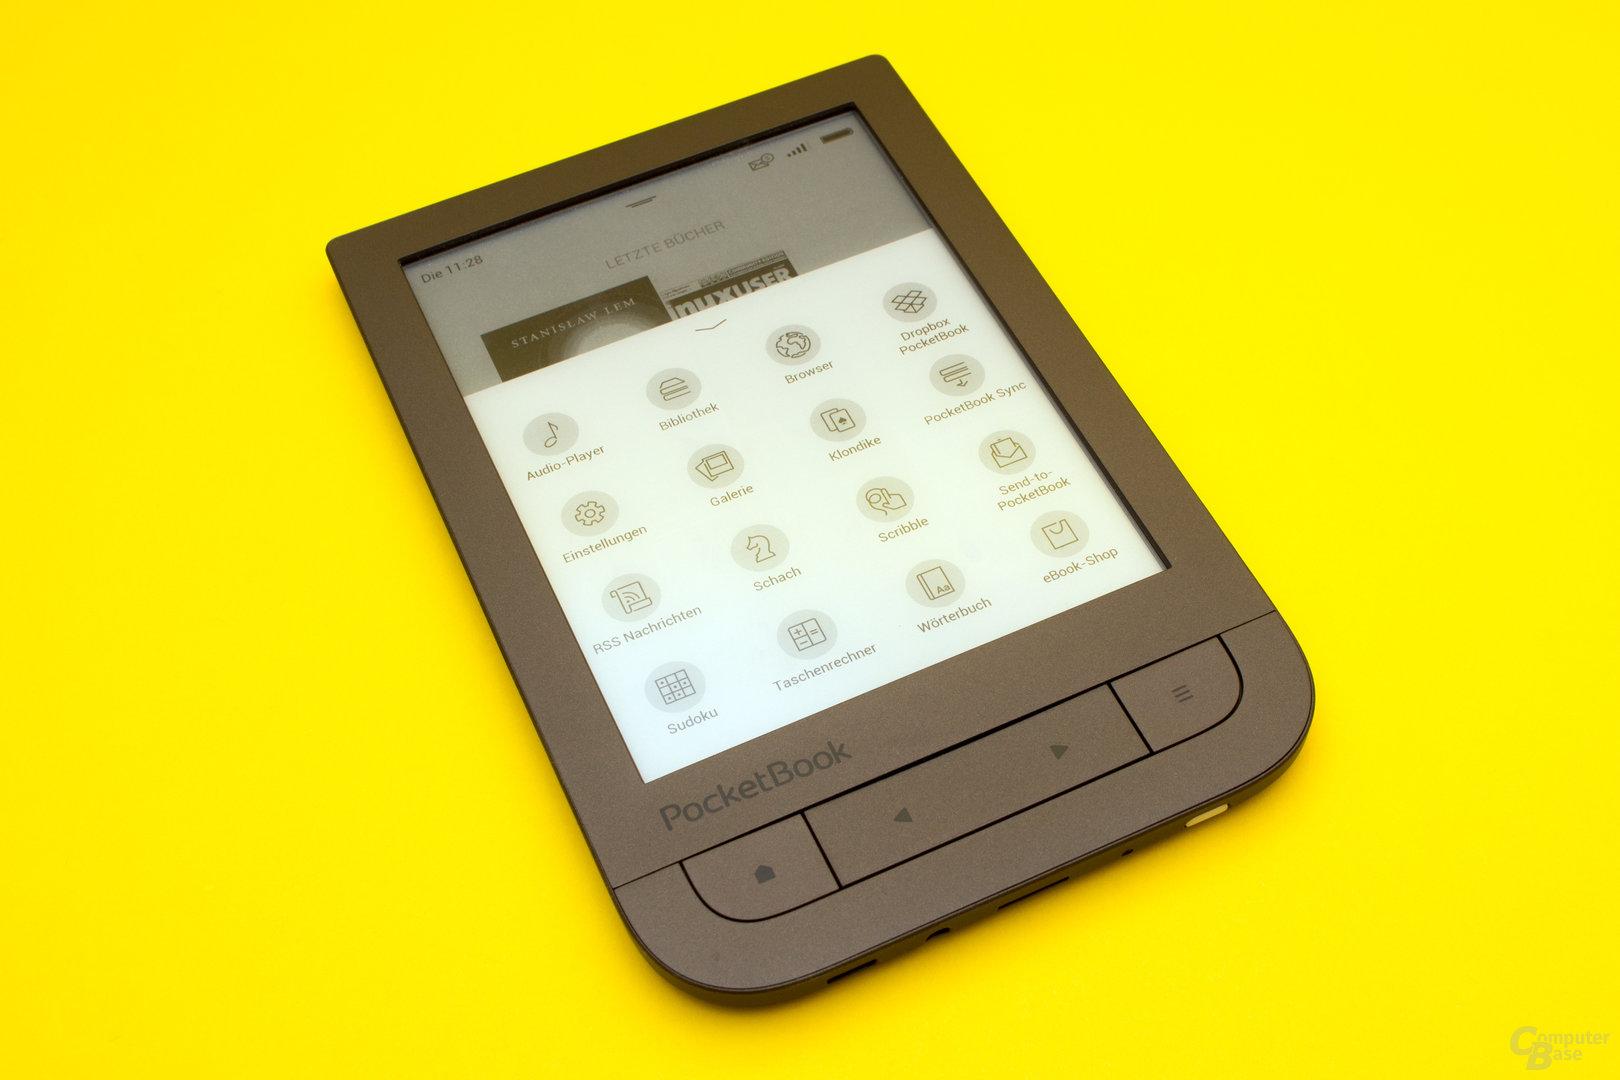 Viele zusätzliche Tools beim PocketBook Touch HD 2